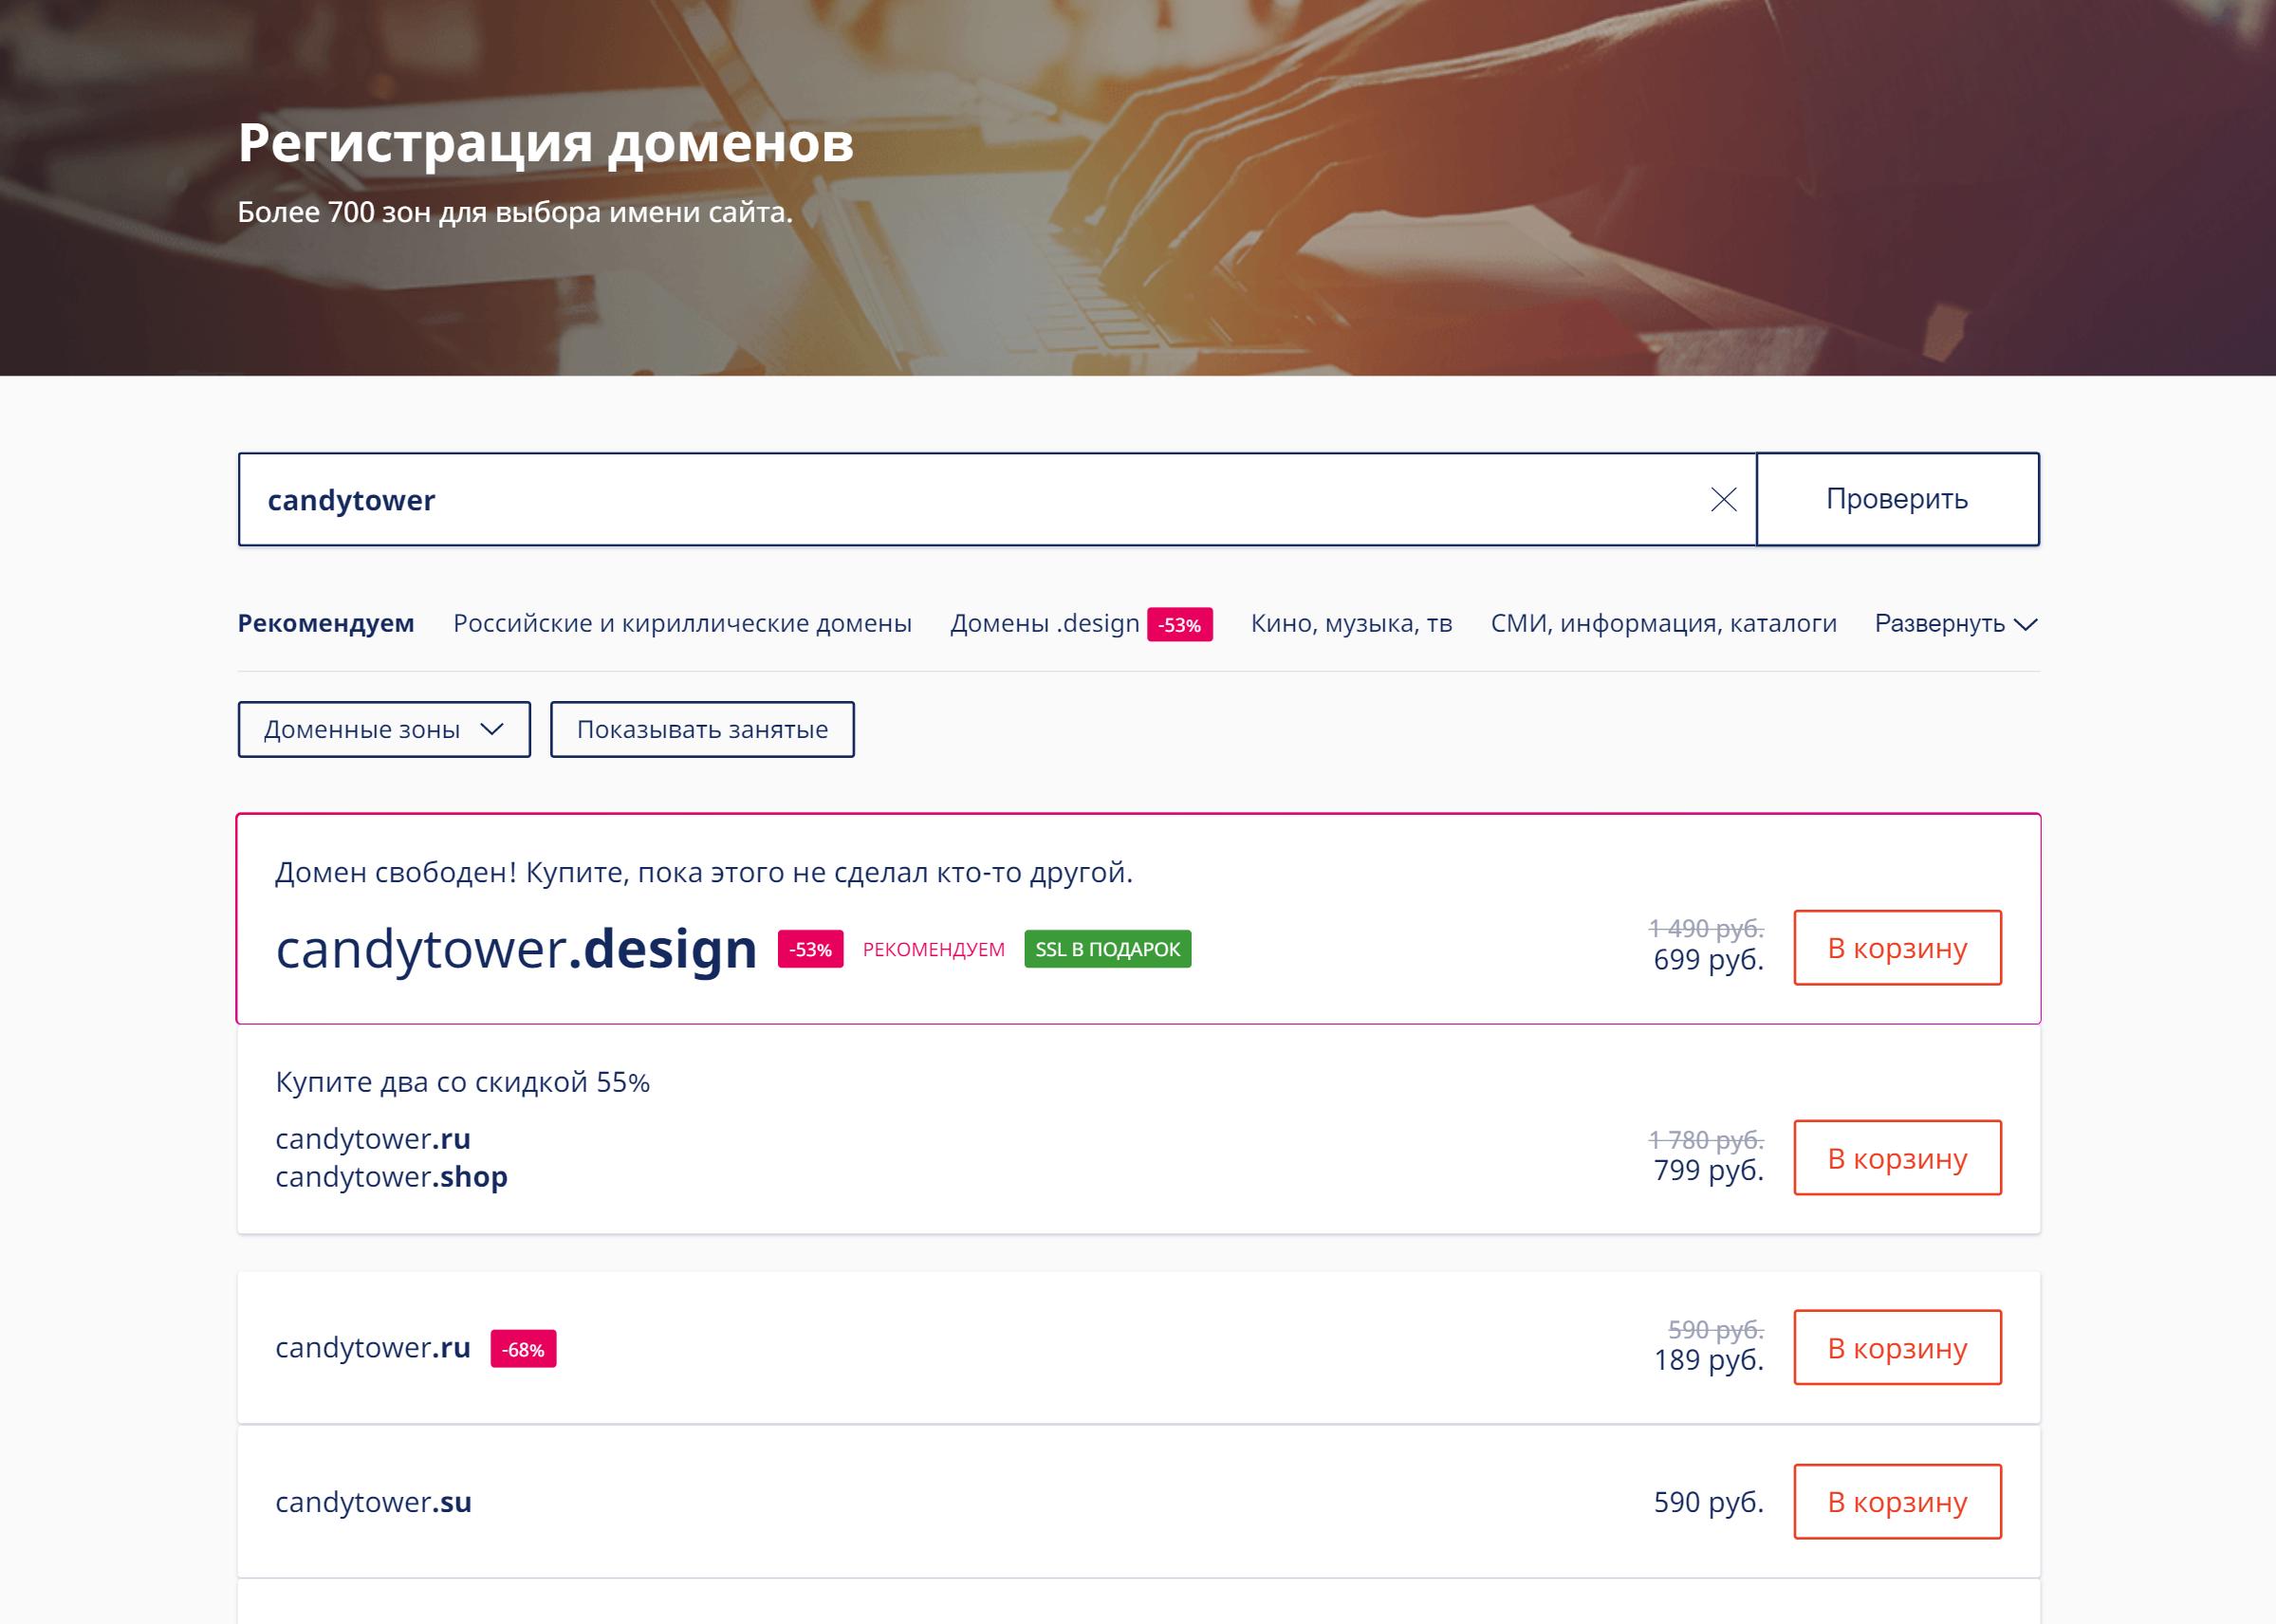 Вбиваю предполагаемое название домена в поисковую строку. Домен «candytower.ru» свободен длярегистрации — его можно купить